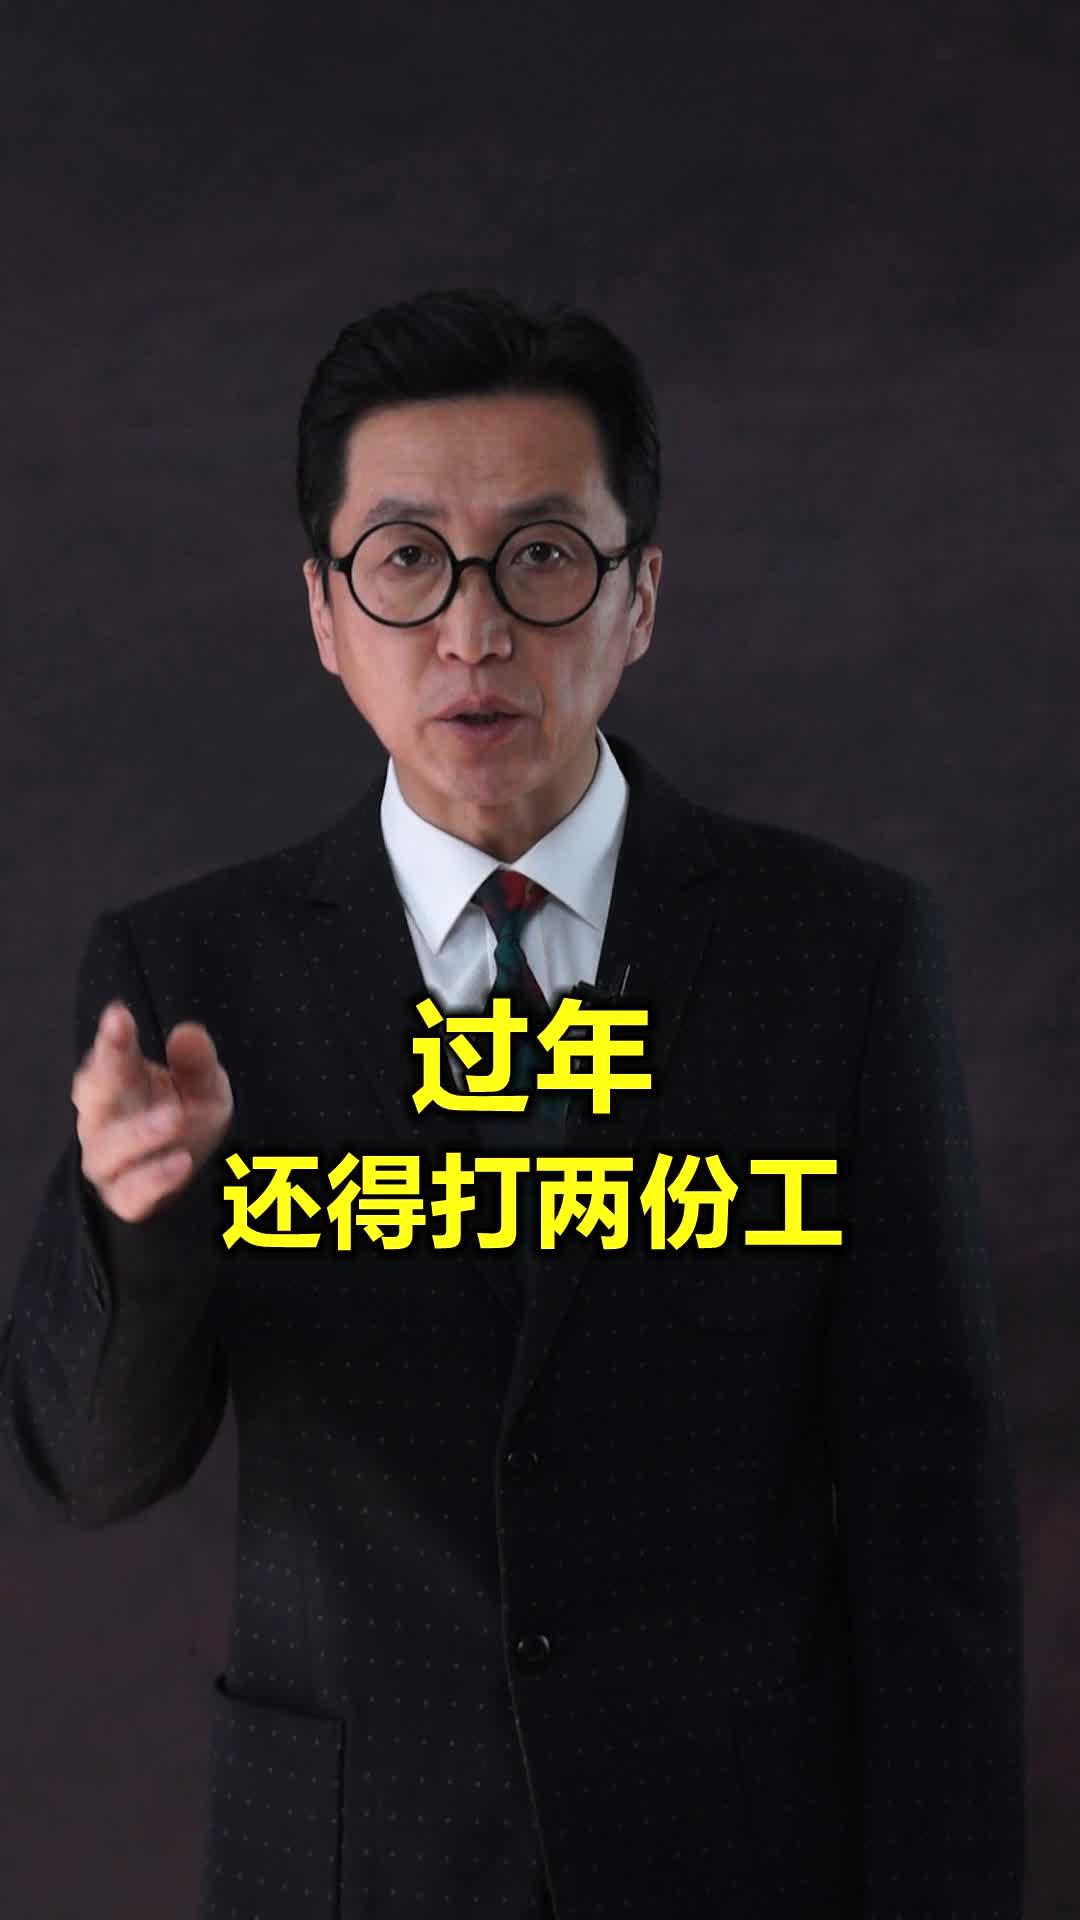 卢炫吉脱口秀2021第32期 幸福男人的标准?